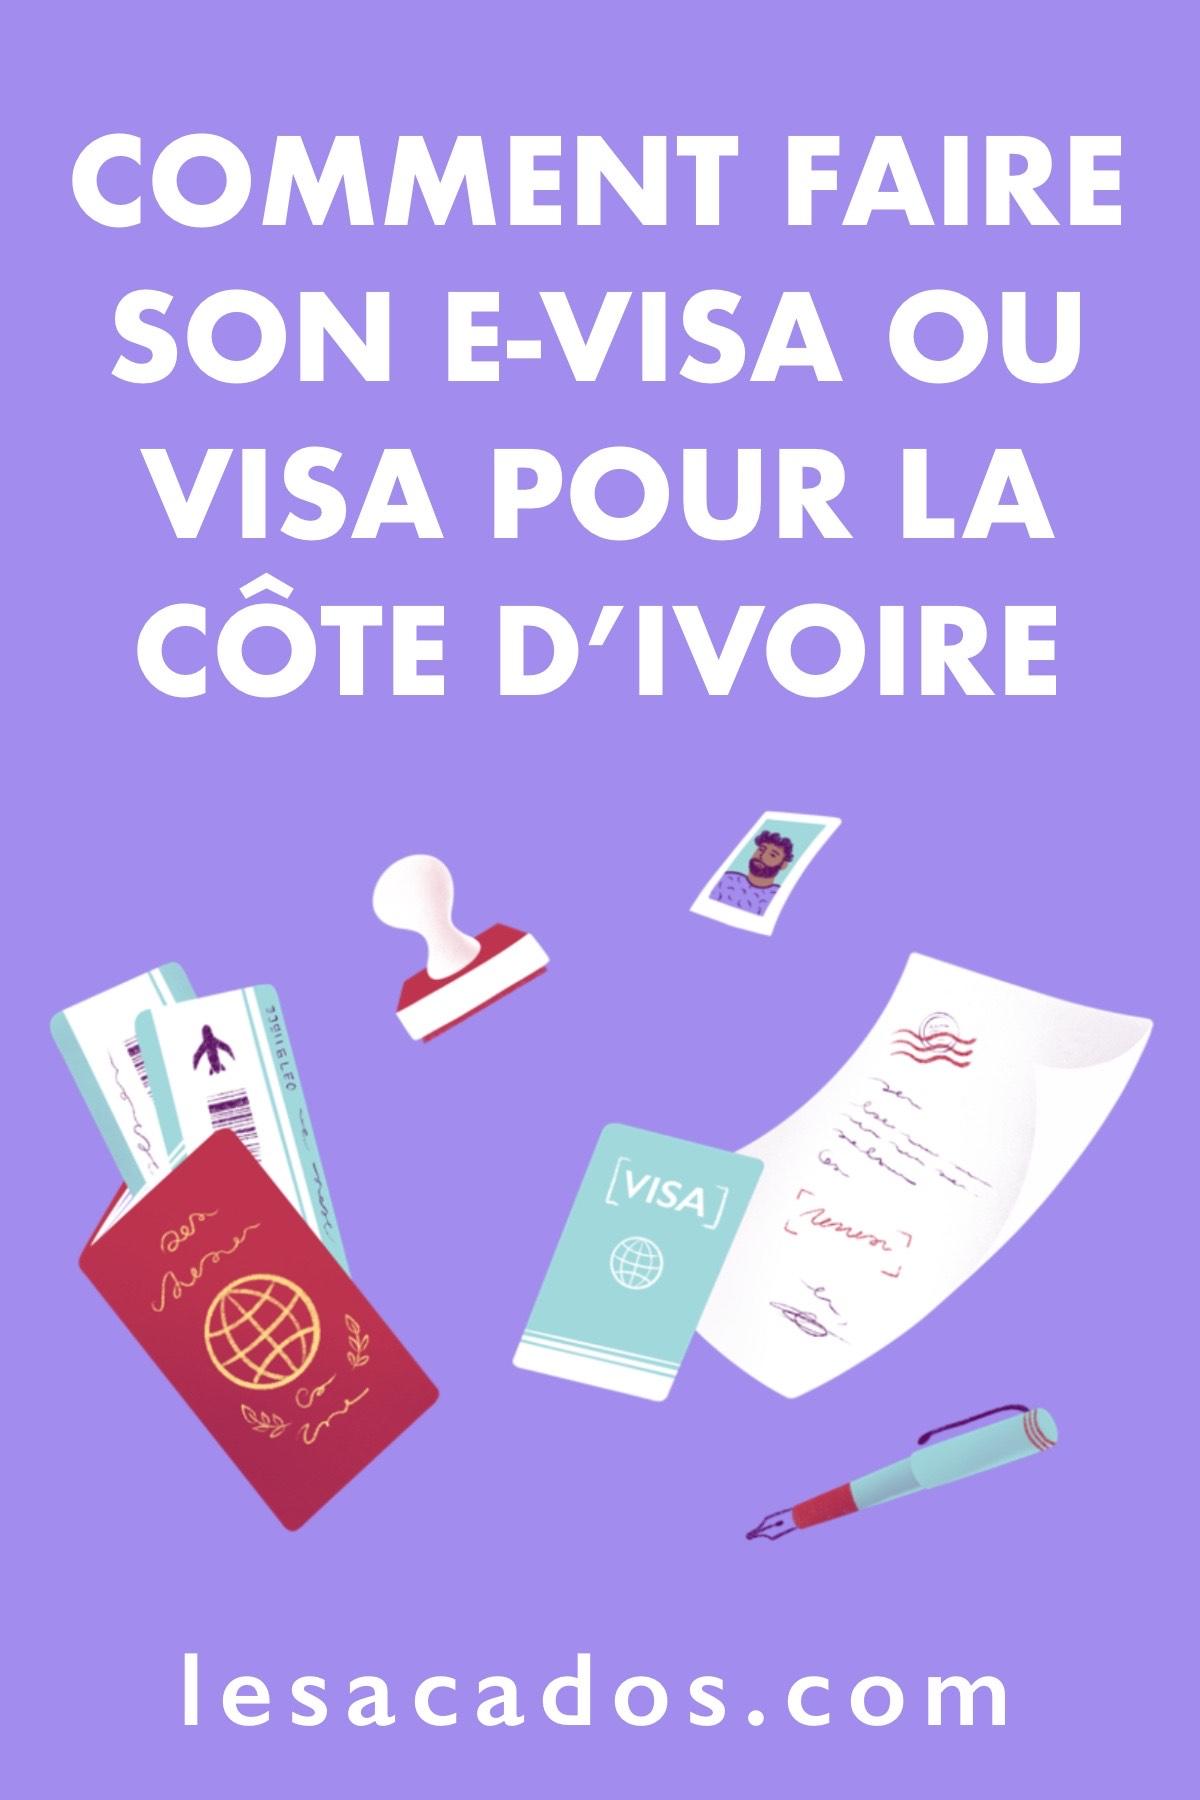 Vous souhaitez vous rendre en Côte d'Ivoire ? Dans cet article je vous explique comment comment obtenir votre visa Côte d'Ivoire facilement.